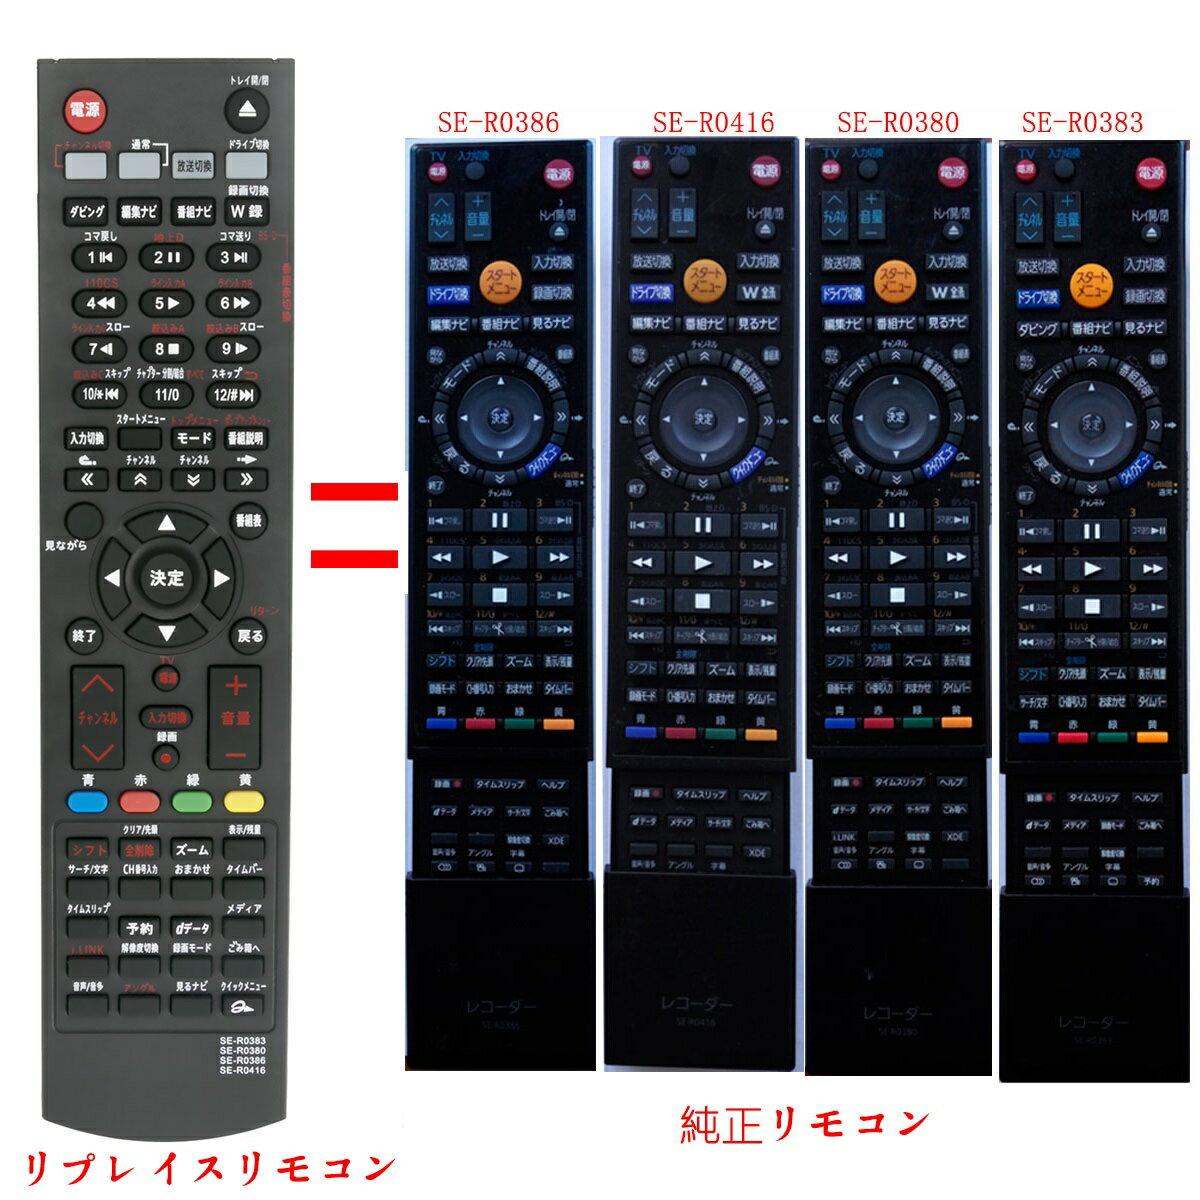 東芝 レグザ ブルーレイディスクレコーダー BD リモコン SE-R0386 SE-R0416 SE-R0380 SE-R0383 RD-BR600 DBR-Z150 DBR-Z160 RD-BZ800 RD-BZ810 RD-BZ700 RD-BZ710 RD-BZ800 RD-BZ810 RD-BZ700 RD-BZ710 TOSHIBA REGZA 代用リモコン